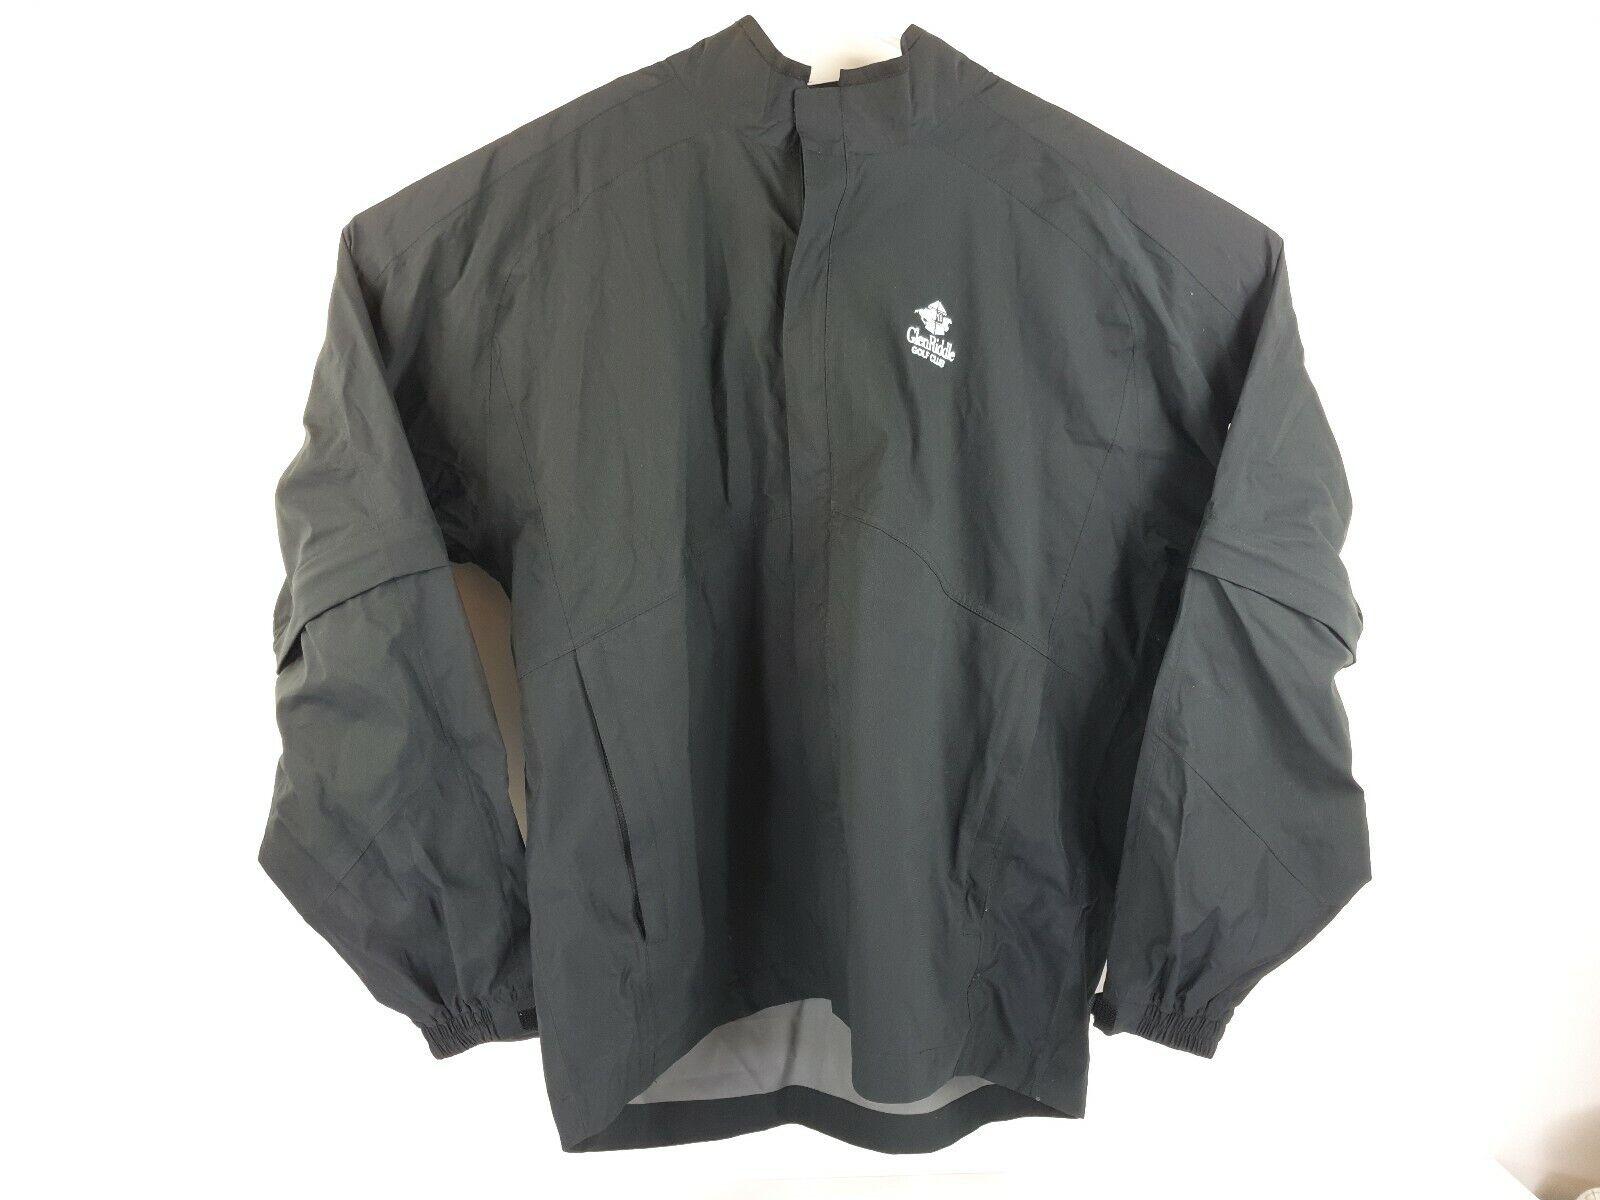 FOOTJOY DRYJOYS FJ HydroLite Rain Jacket Zip-Off Sleeves 2XL MSRP  185